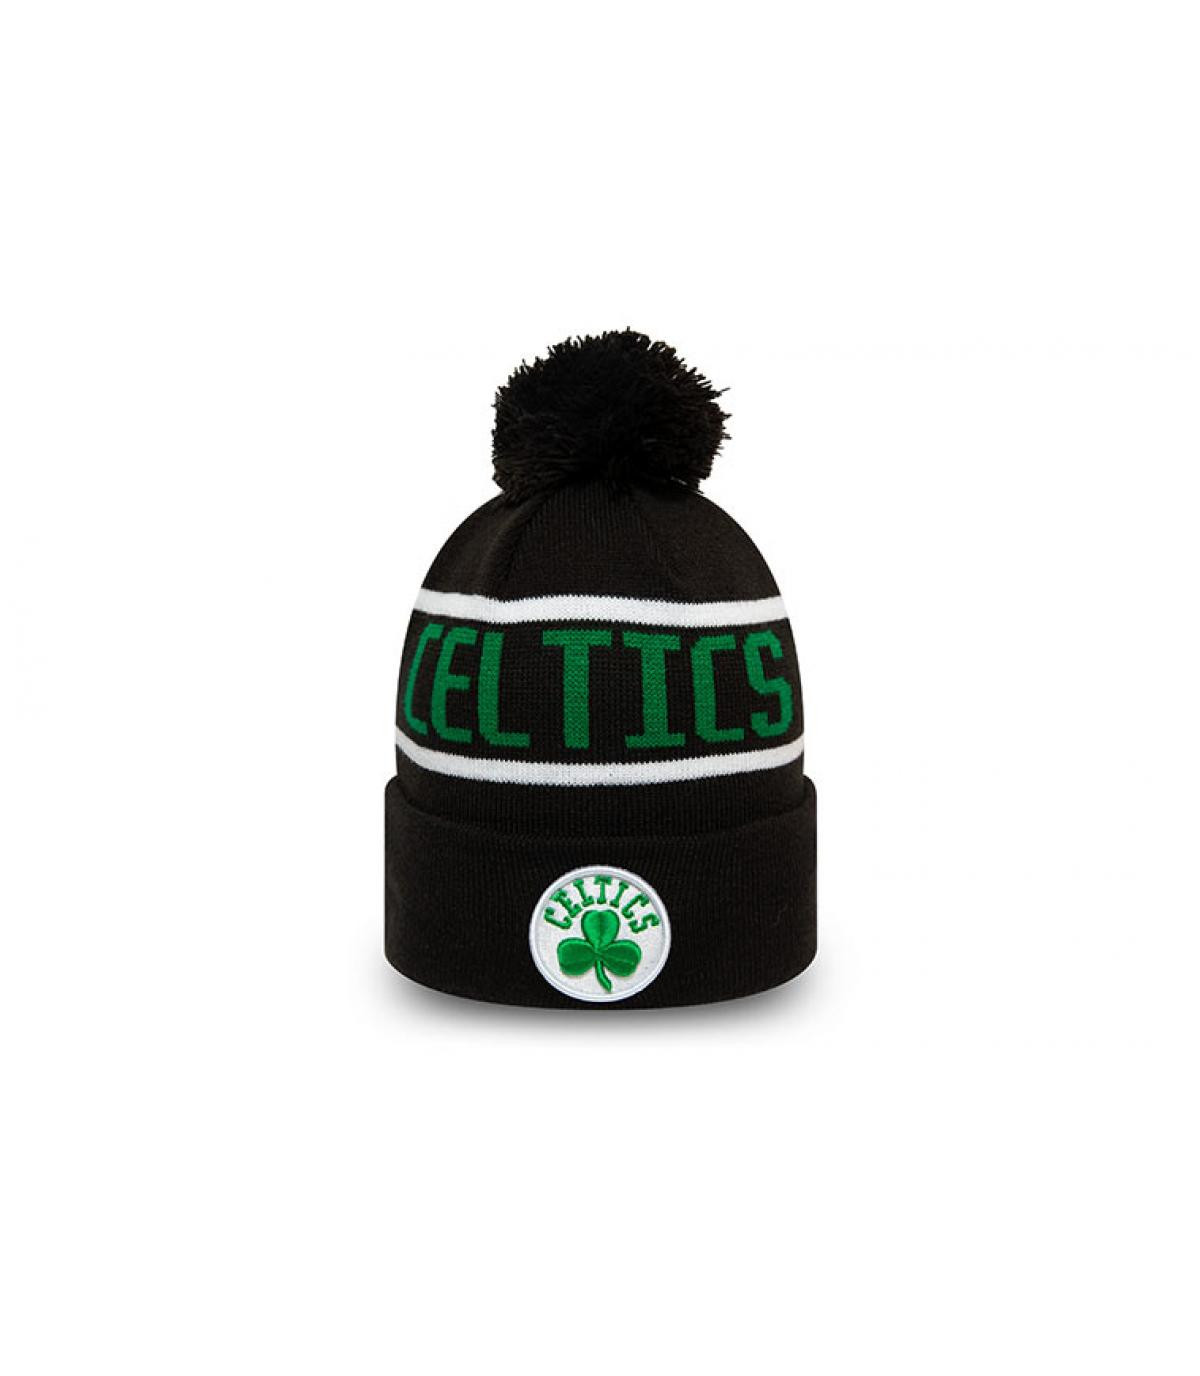 bonnet Celtics noir vert